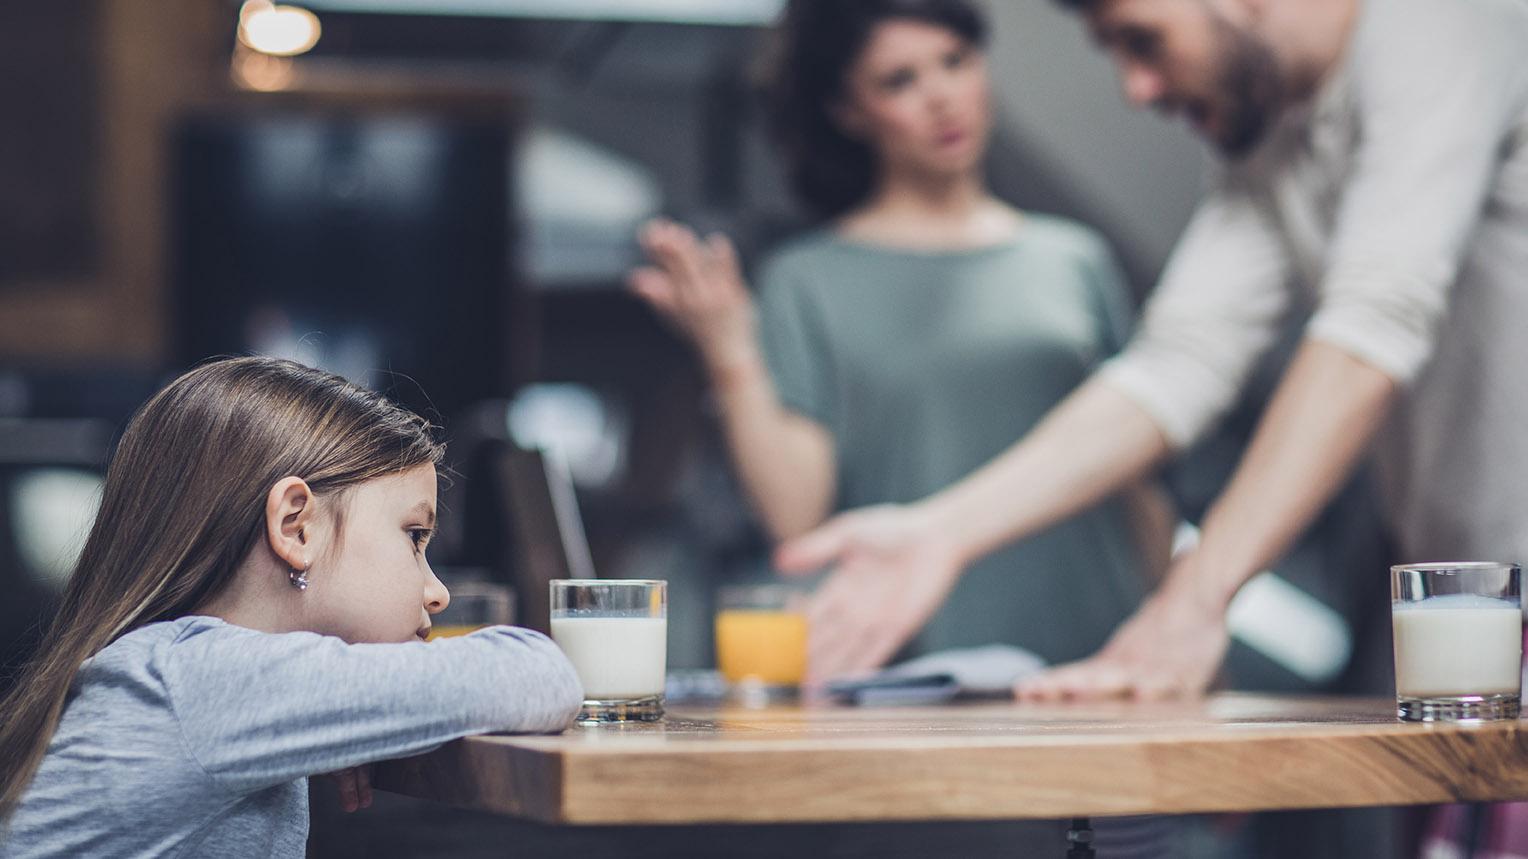 'Wat je van je ouders hebt gezien, neem je mee in je eigen relaties'